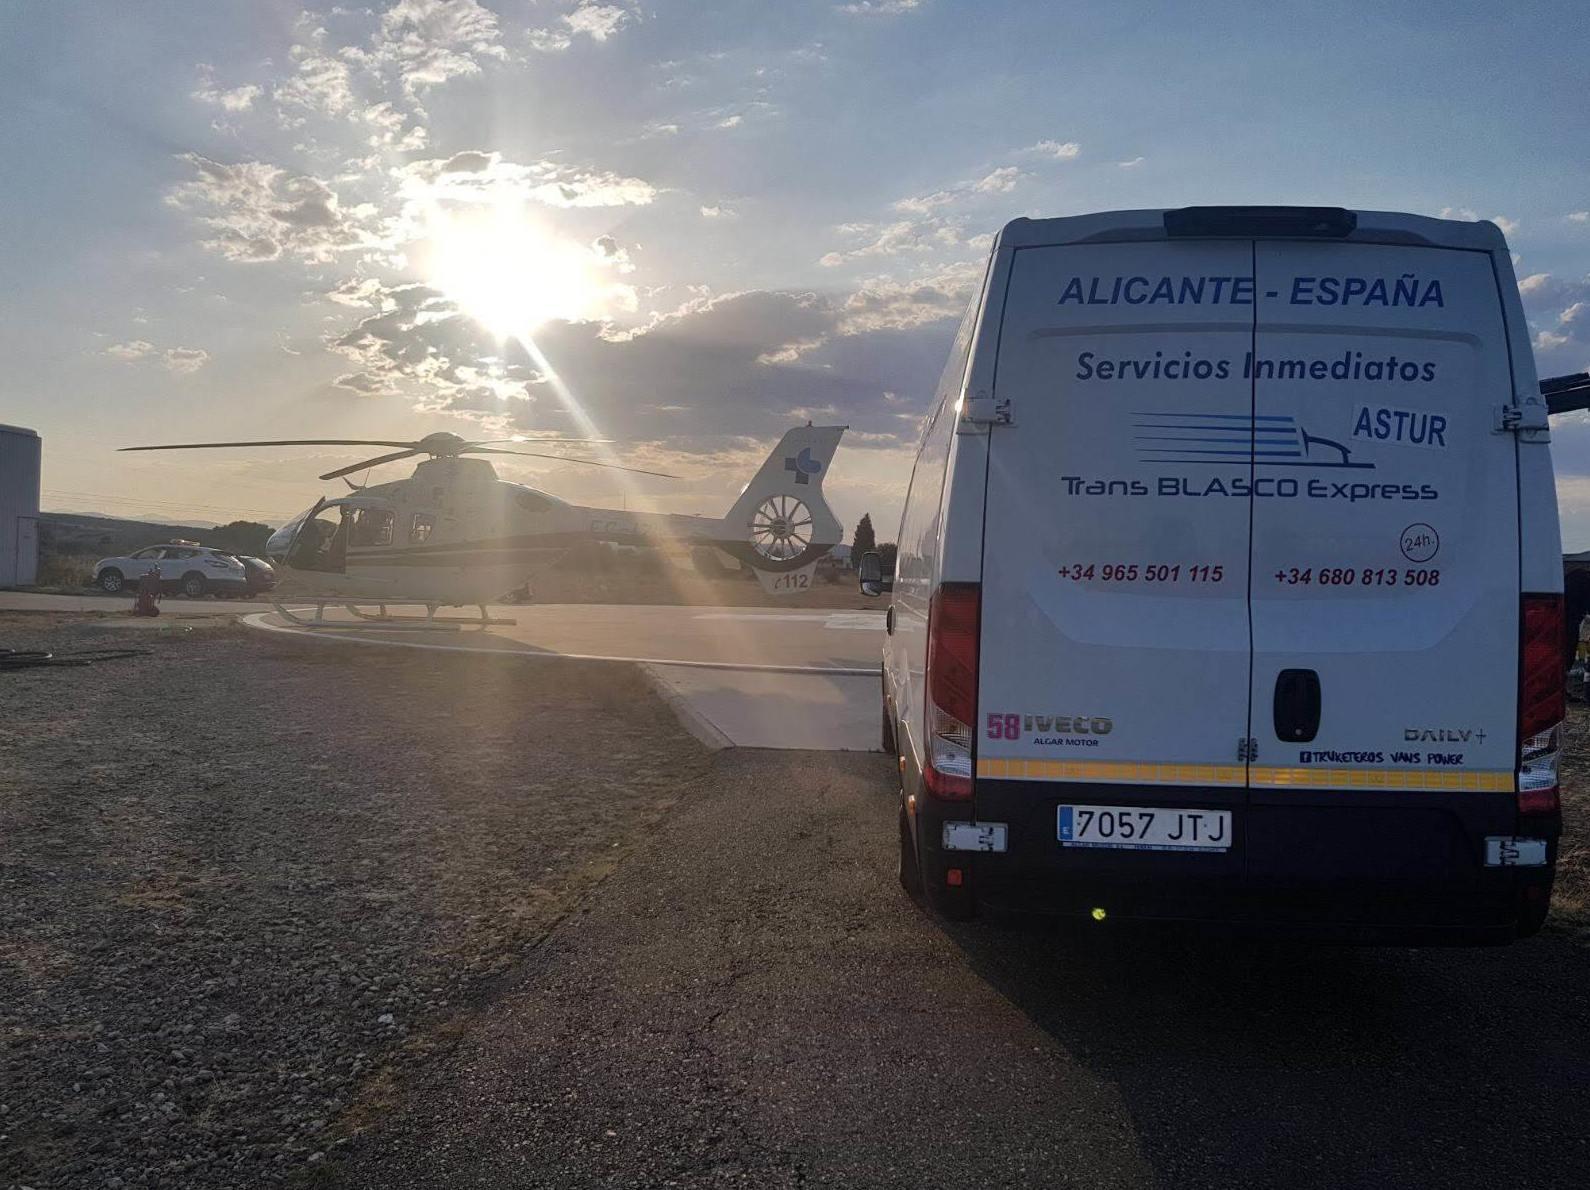 Foto 6 de Agencias de transporte en Alicante | Trans Blasco Express, S.L.